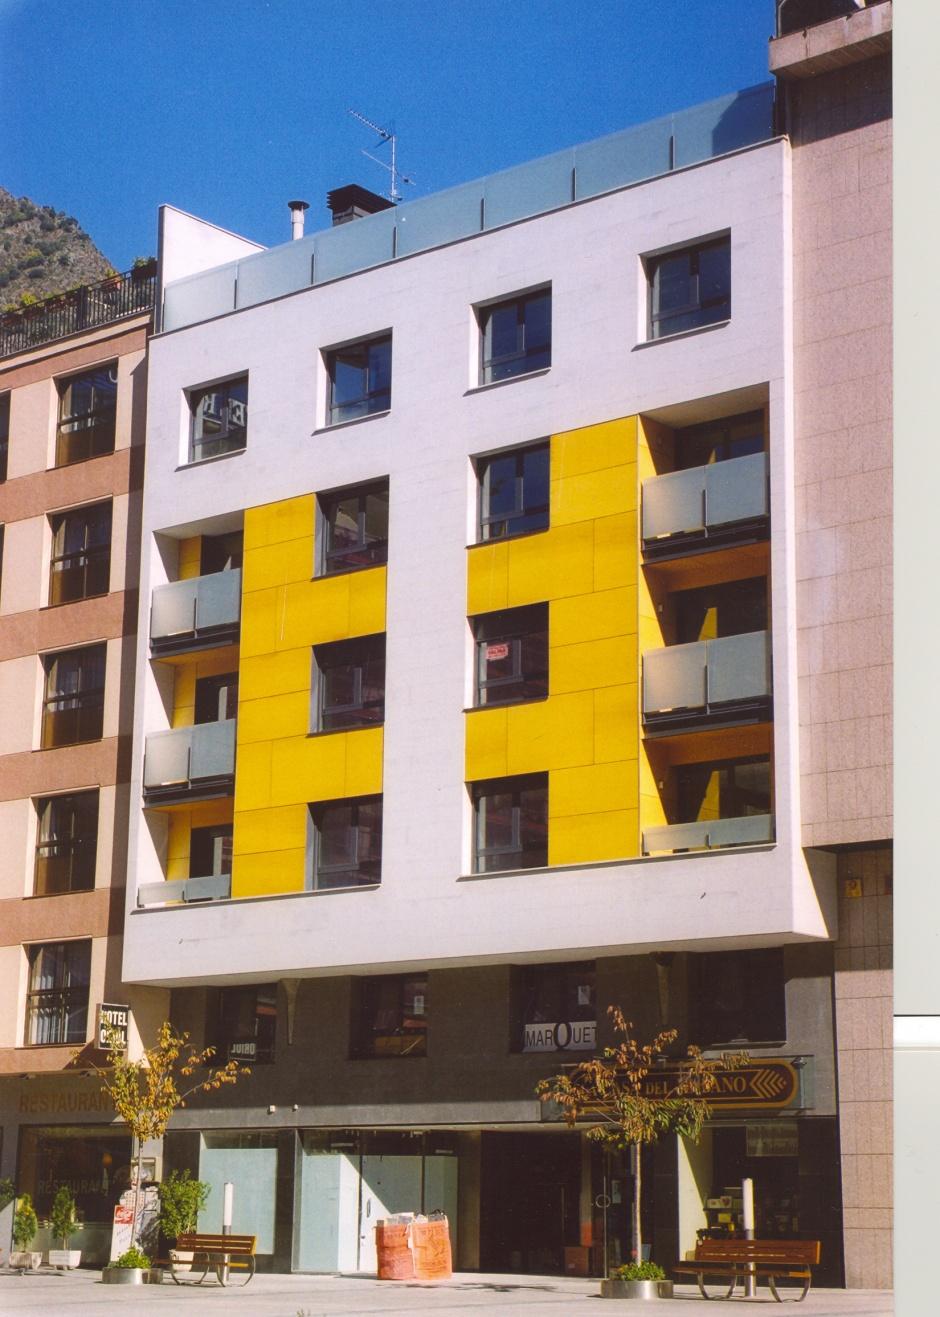 Edificio de viviendas situado en la Plaza Coprínceps, 3, Arquitectura (Principado de Andorra)